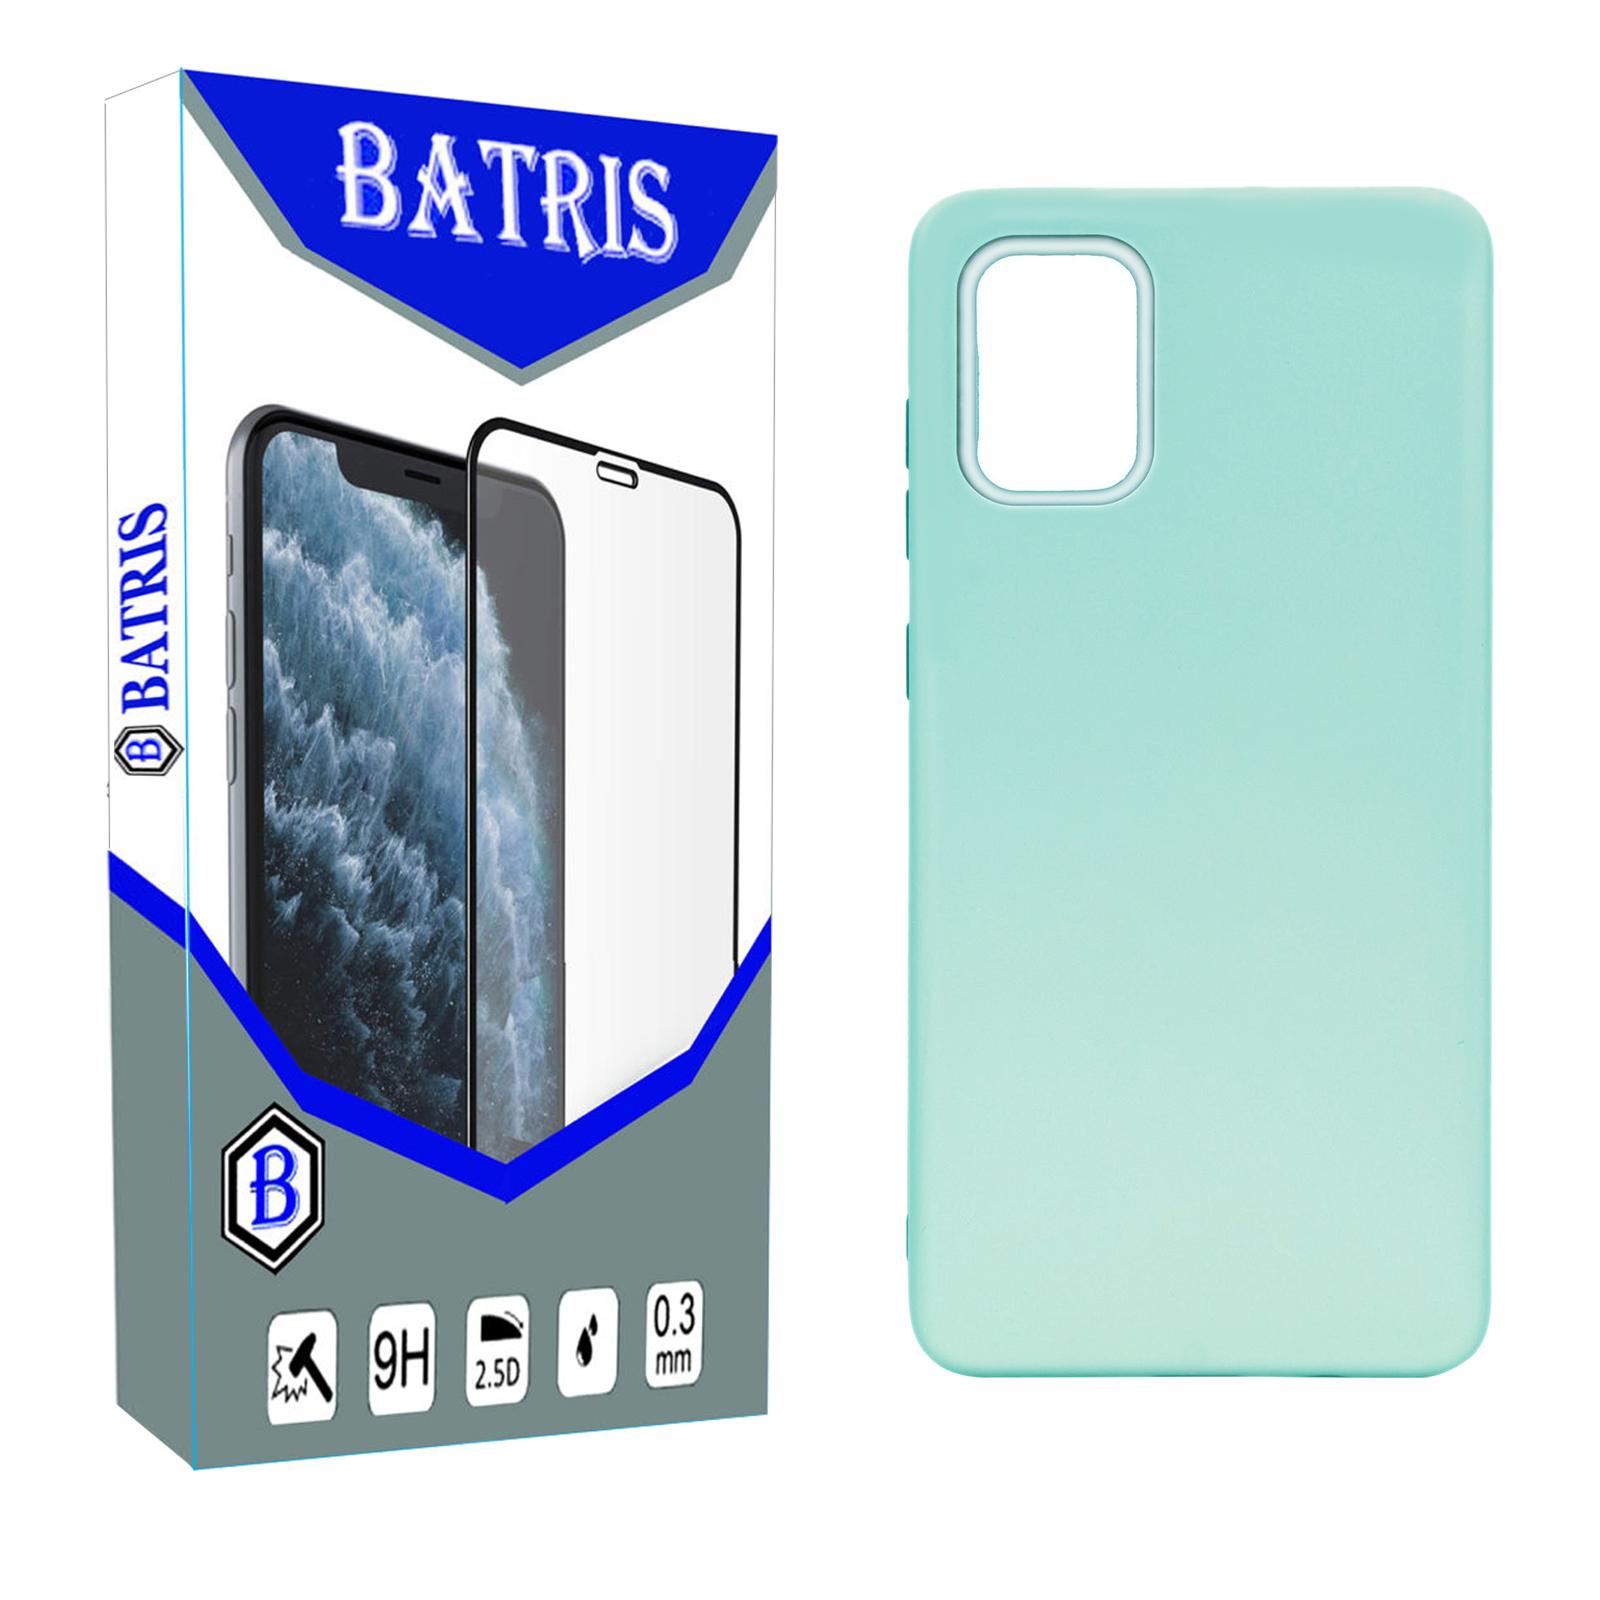 بررسی و {خرید با تخفیف} کاور باتریس مدل MM-01 مناسب برای گوشی موبایل موتورولا Moto G9 Plus اصل